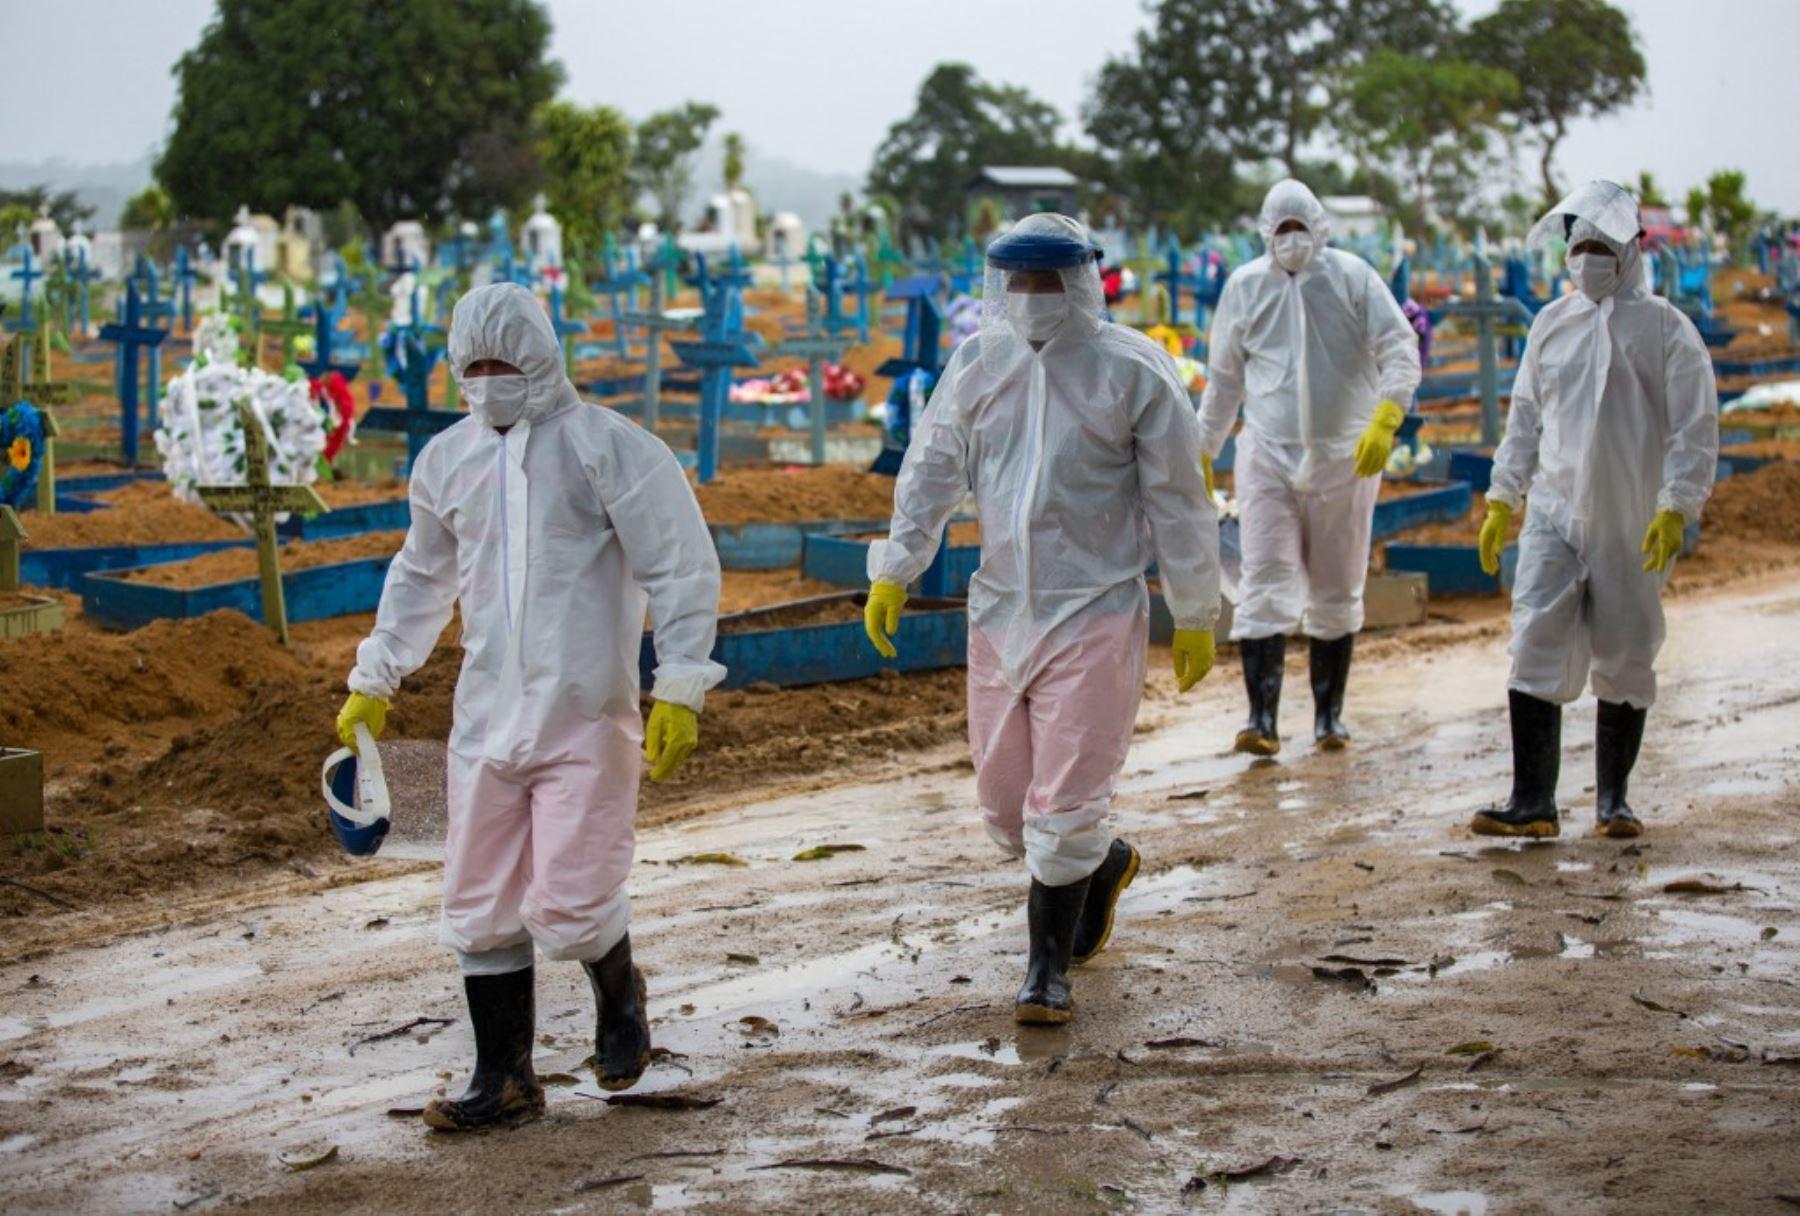 Trabajadores vestidos con trajes protectores caminan frente a las tumbas de las víctimas del covid-19 en el cementerio Nossa Senhora Aparecida, en Manaus, Brasil. Foto: AFP